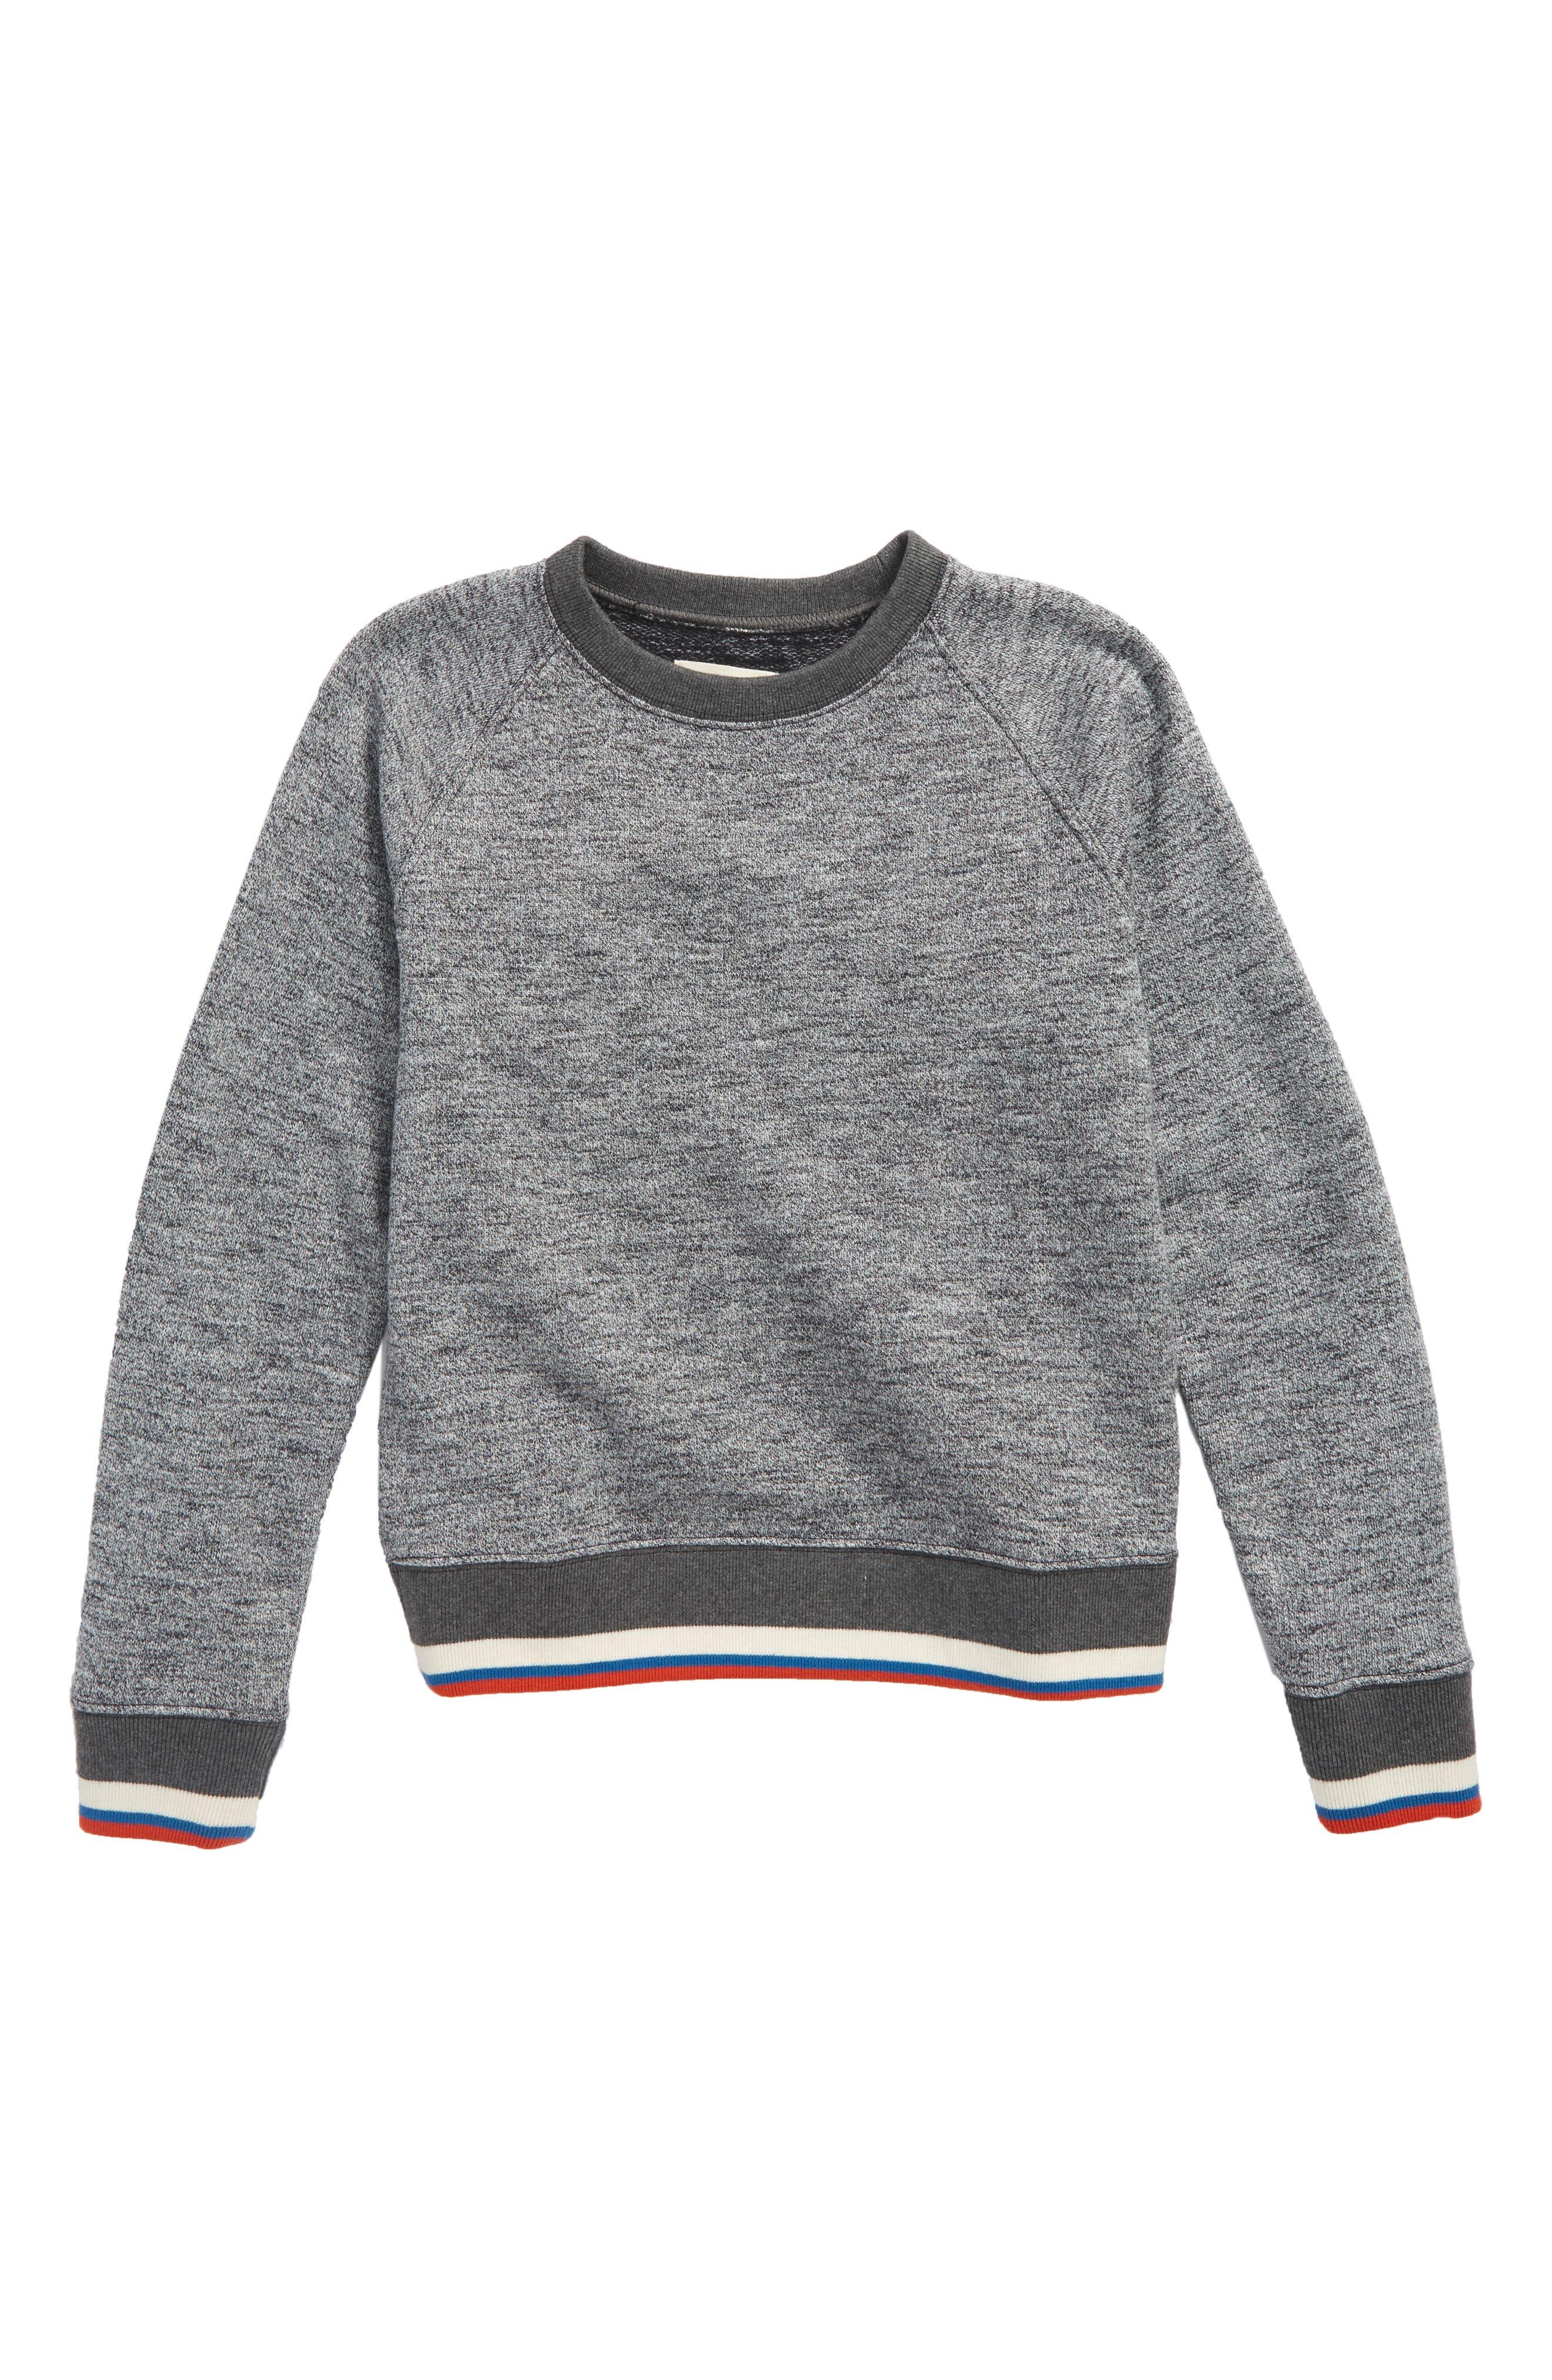 Stripe Crewneck Sweatshirt,                         Main,                         color, Grey Alloy